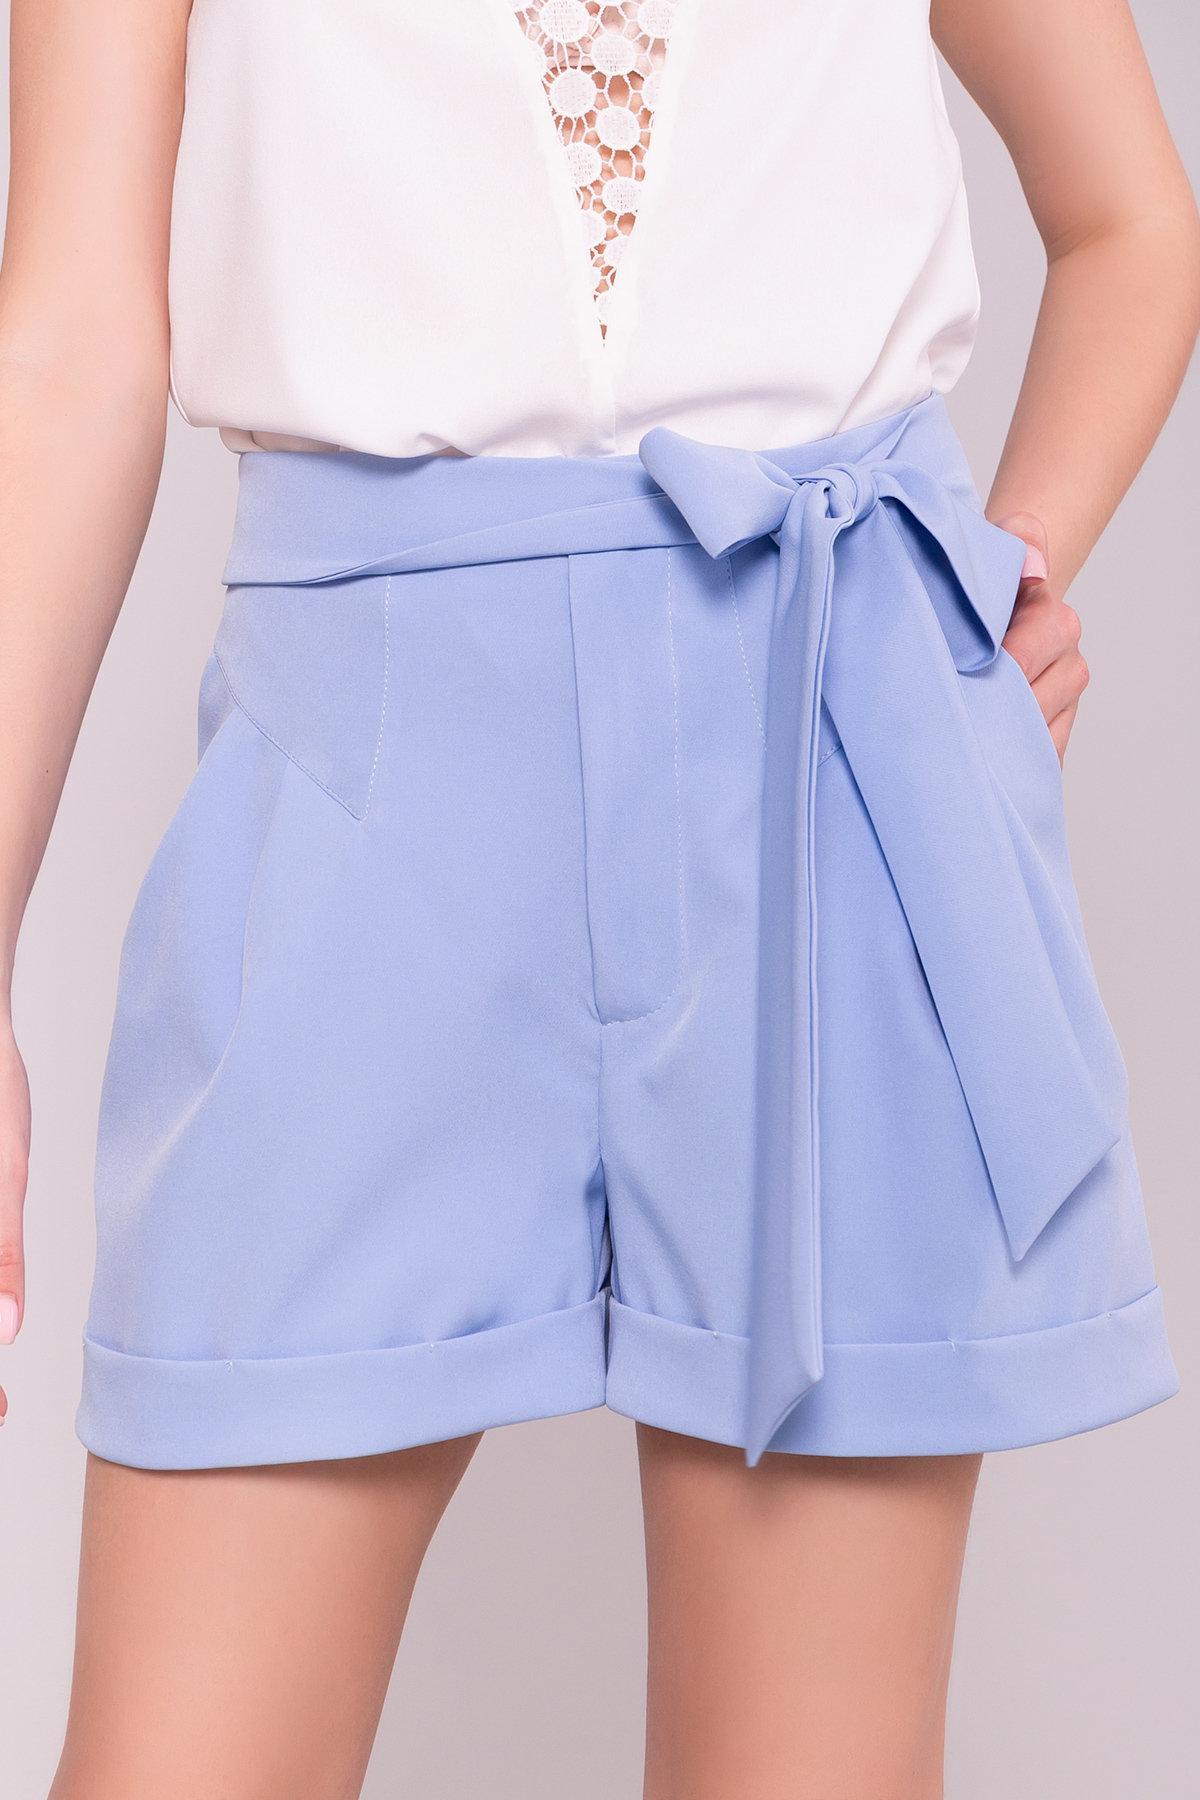 Однотонные шорты Камю 7329 Цвет: Голубой